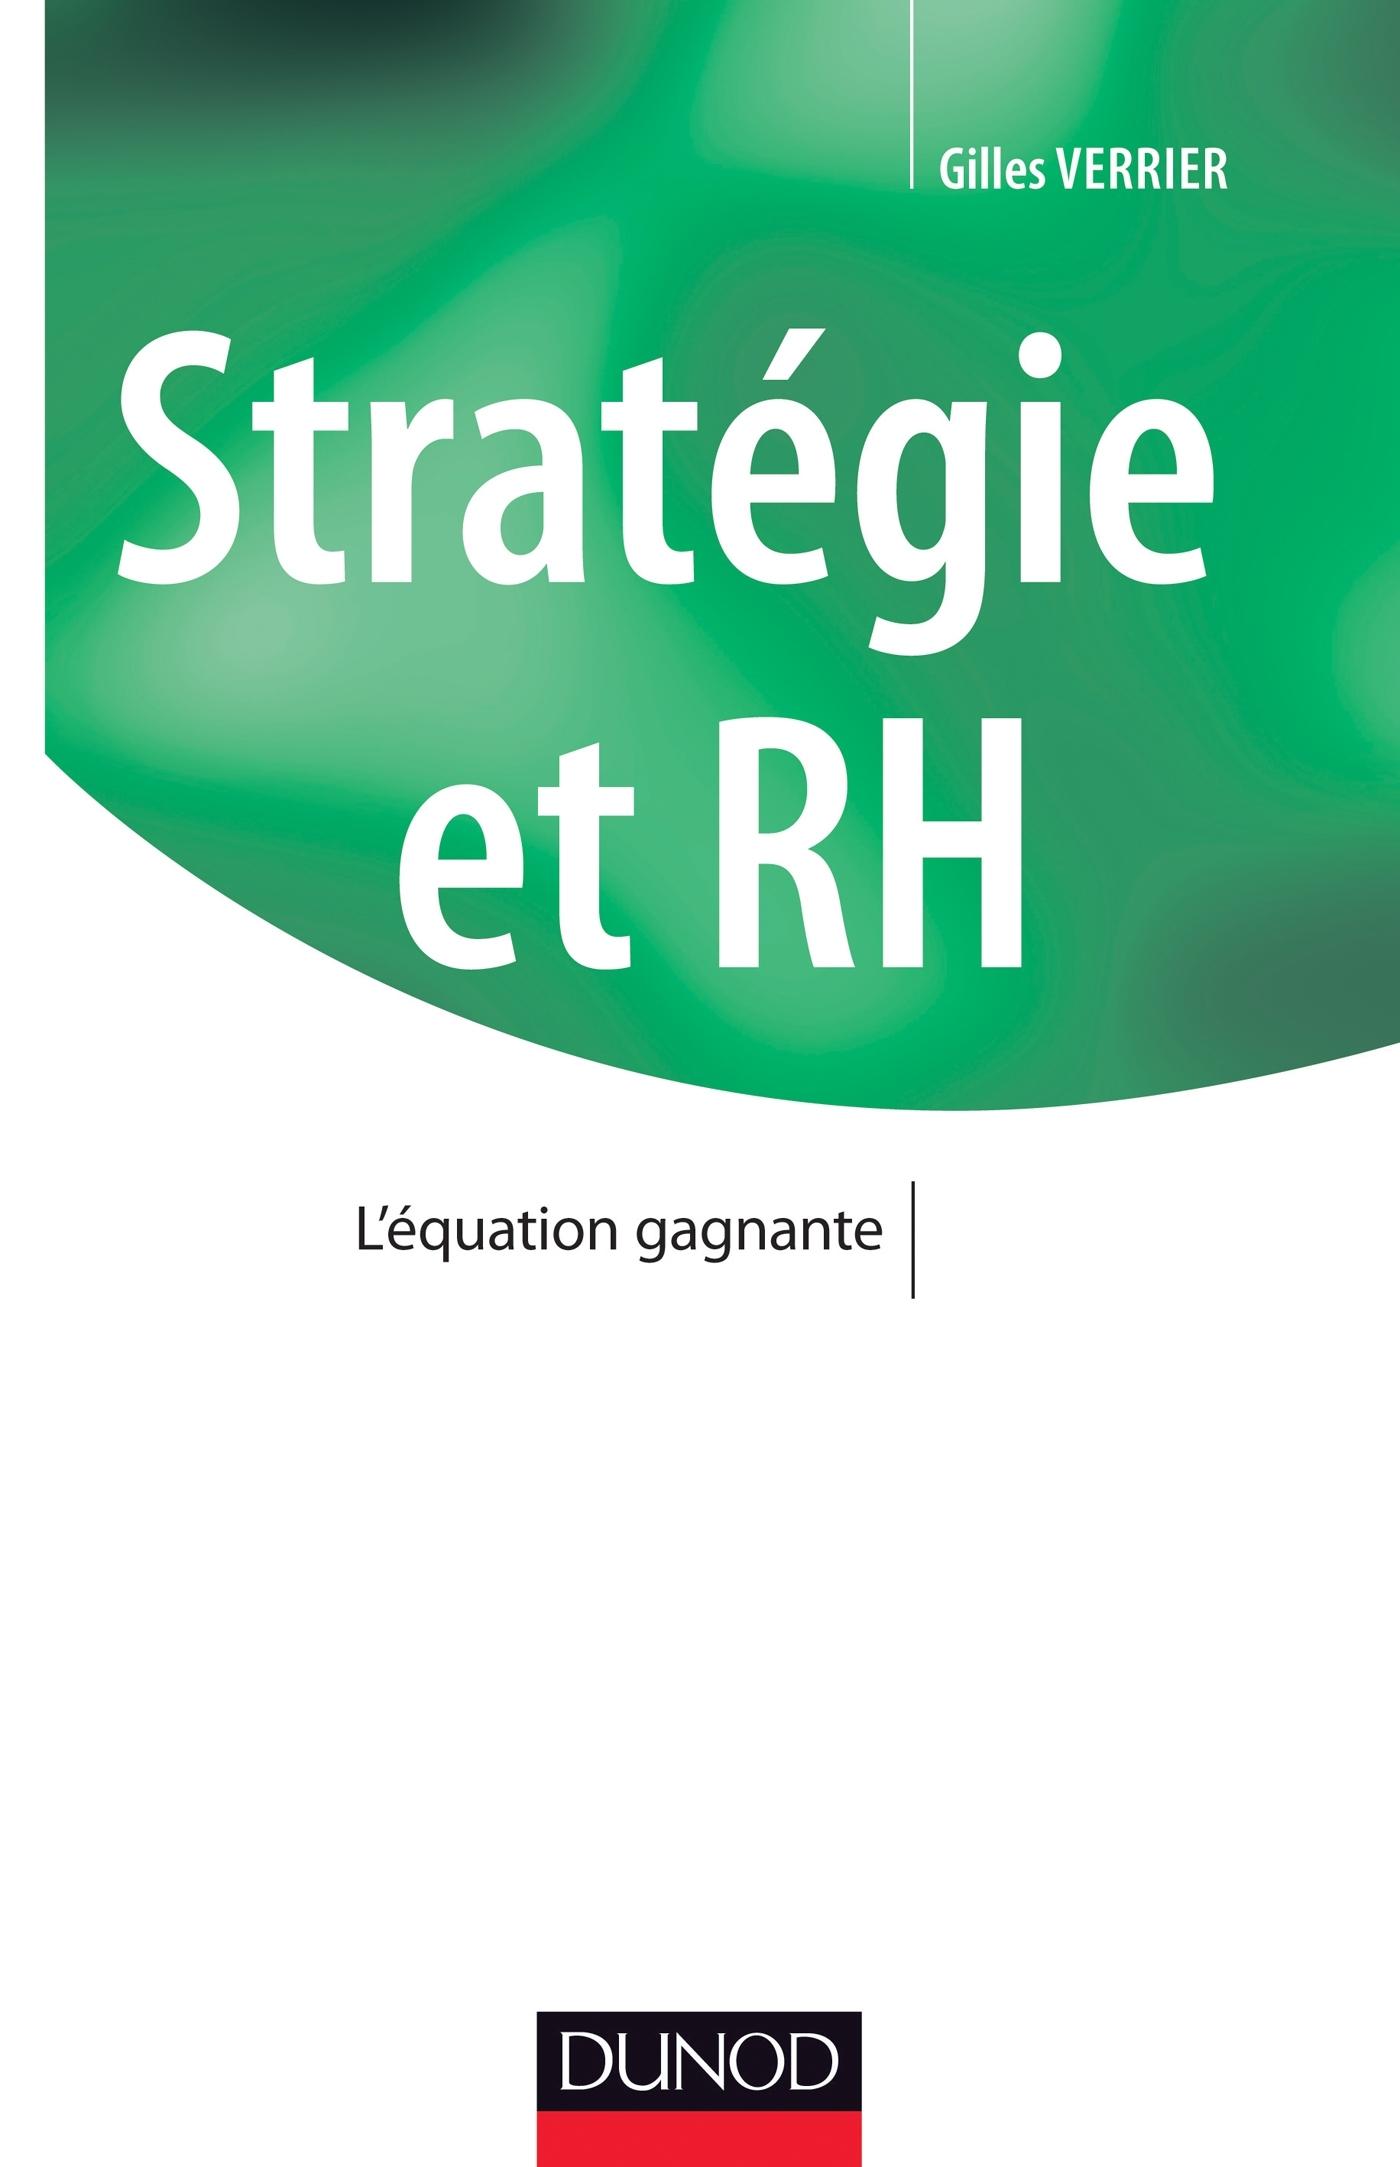 Stratégie et RH. L'équation gagnante - Gilles Verrier